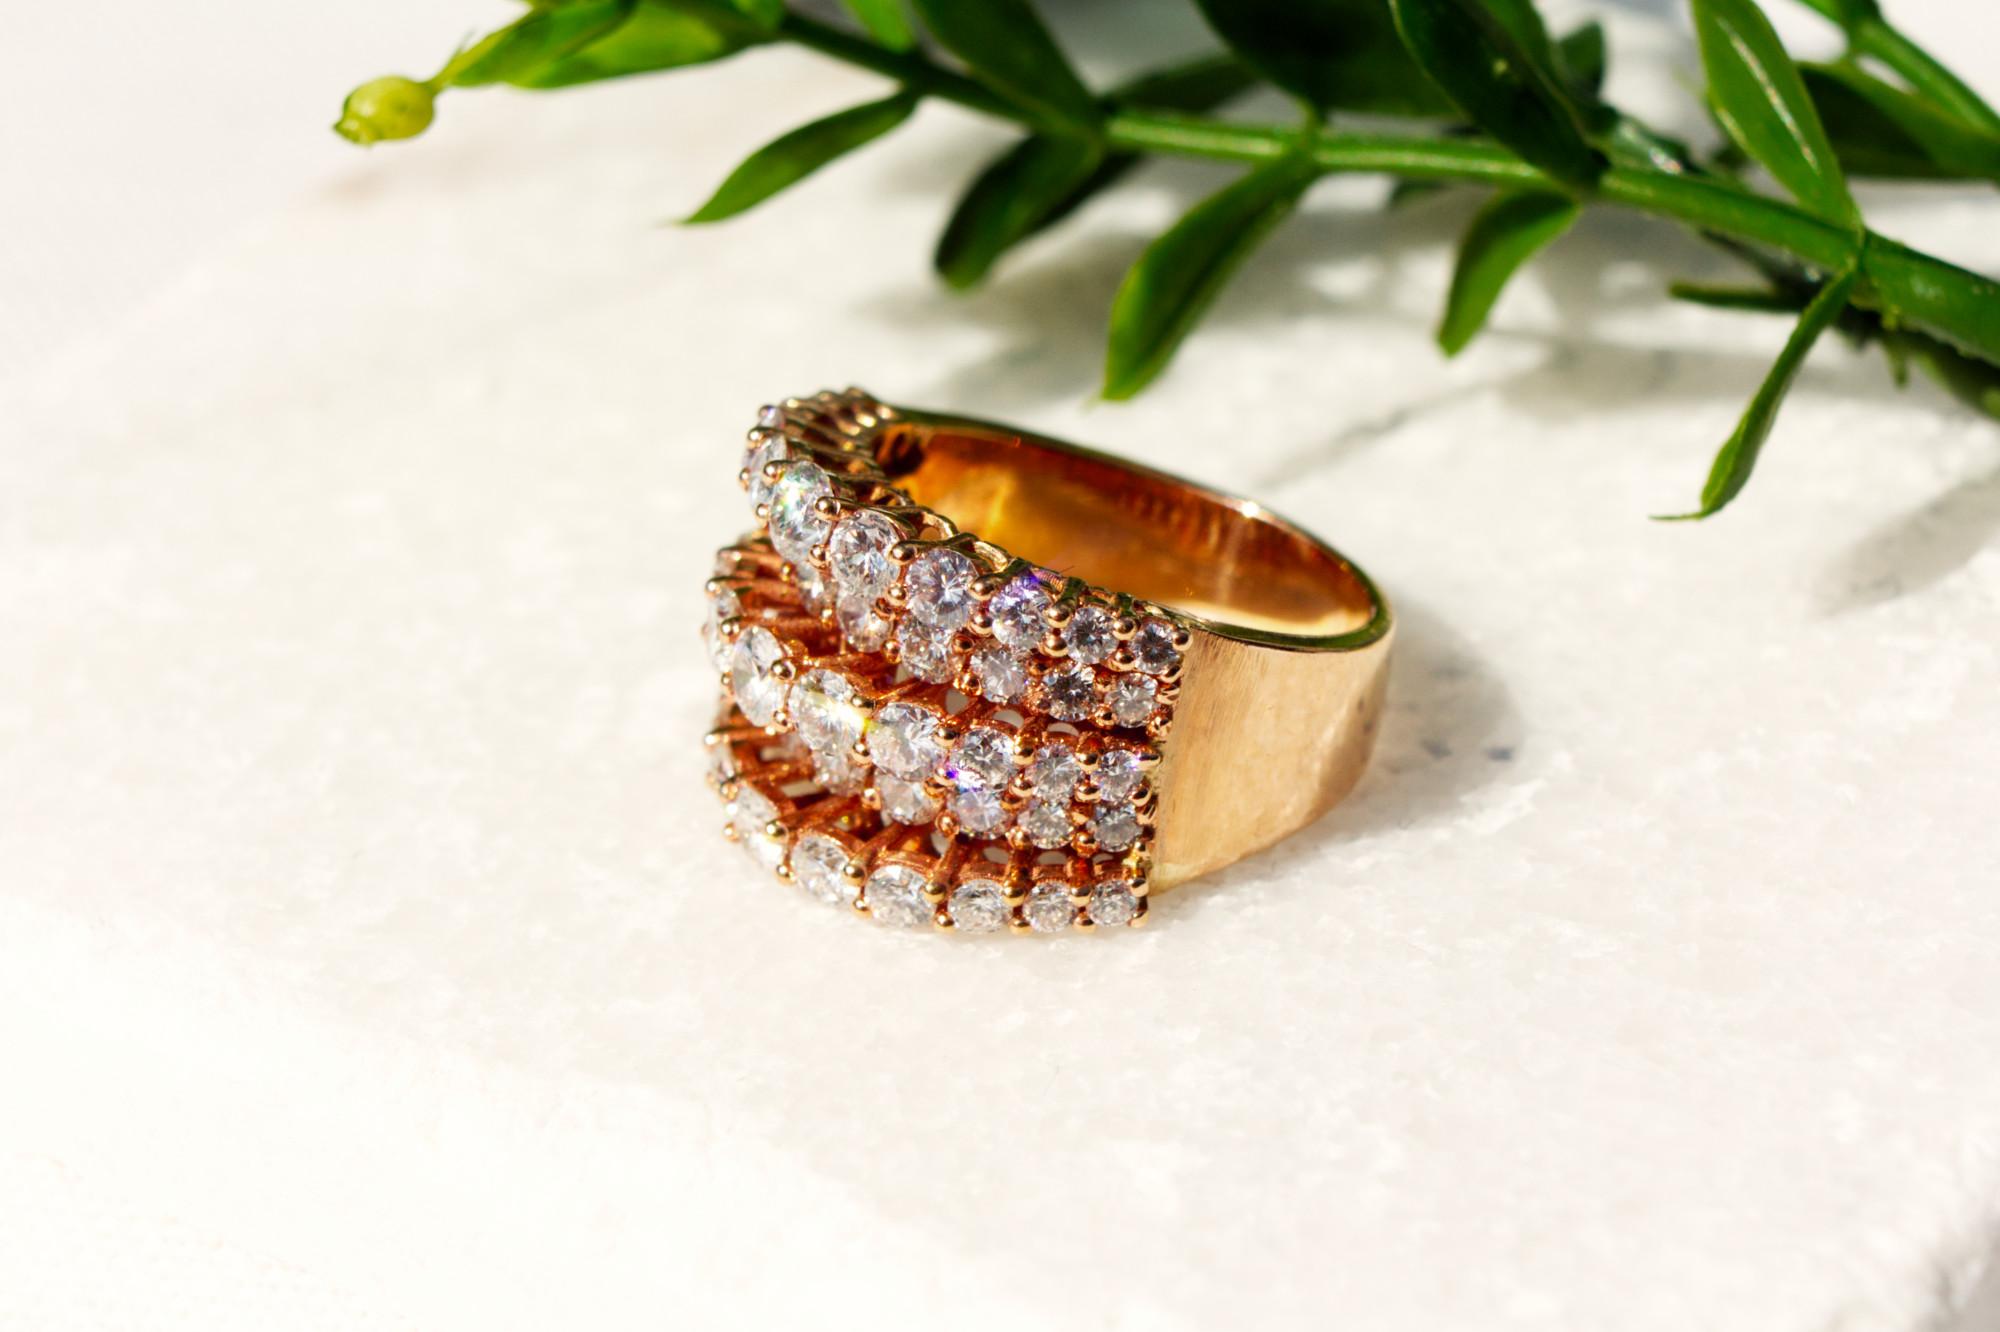 Ring mit 53 Brillanten, 3 Reihen, Roségold 750. Die Fassung in versetzten Reihen bewirkt ein Lichtspiel, das die natürliche Schönheit der Brillanten offenbart. Zus. ca. 3 ct. Brillanten 750 Roségold Ringgröße 18